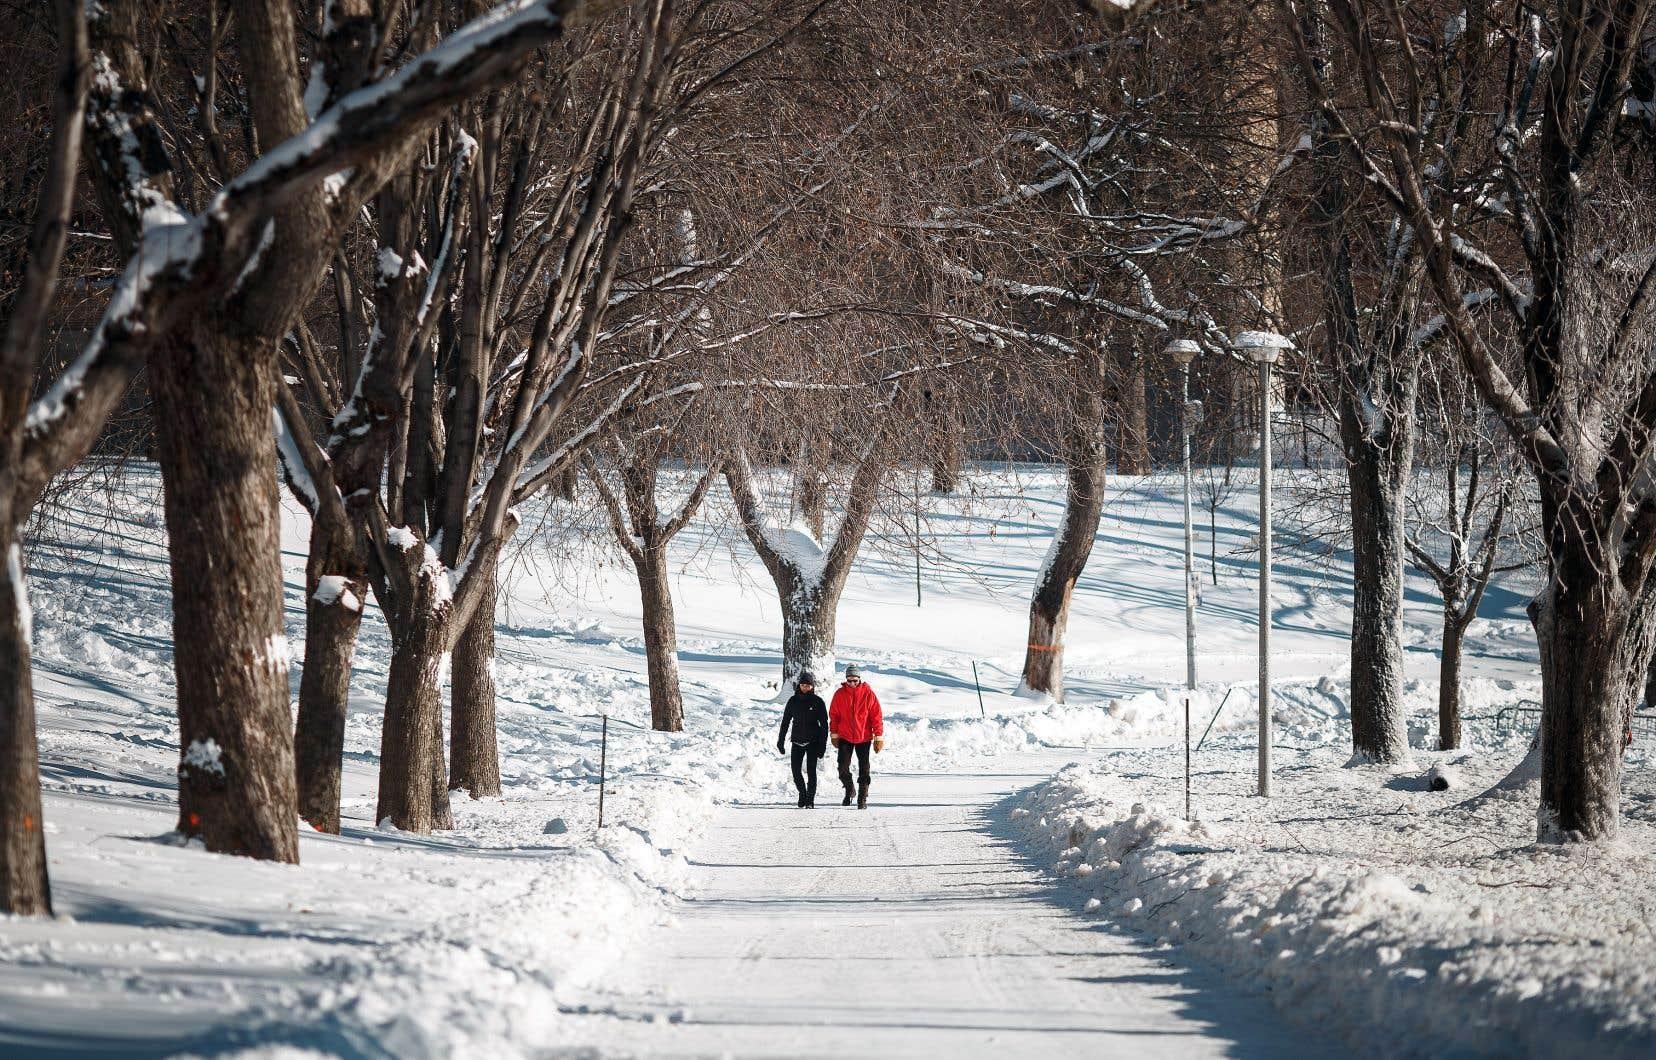 Le parc La Fontaine, d'abord connu sous le nom de parc Logan, sera réaménagé pour en faire un lieu de détente pour les promeneurs.